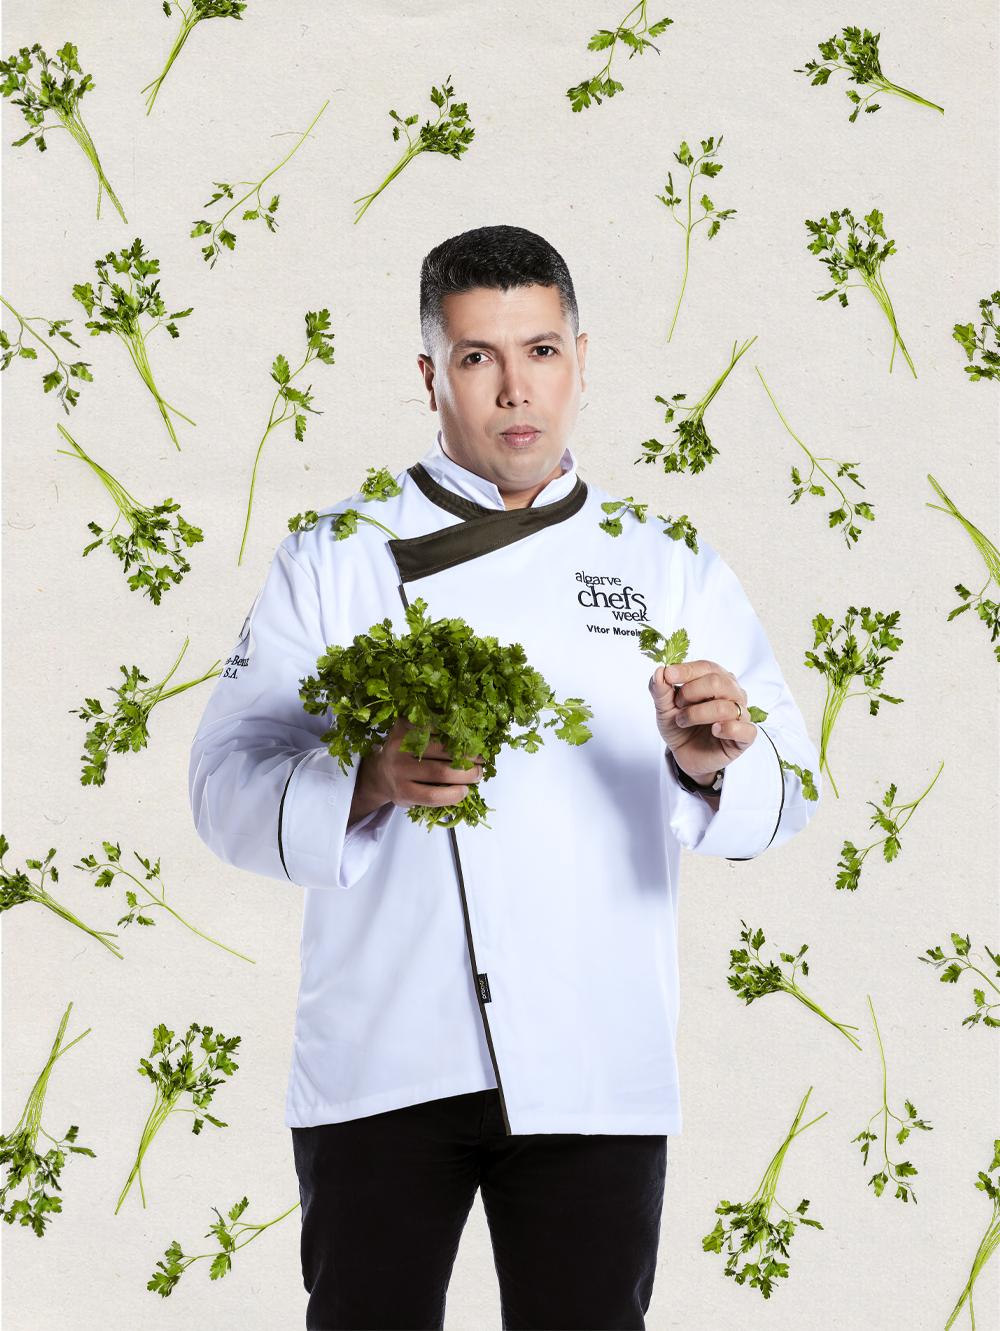 Chef Vítor Moreira